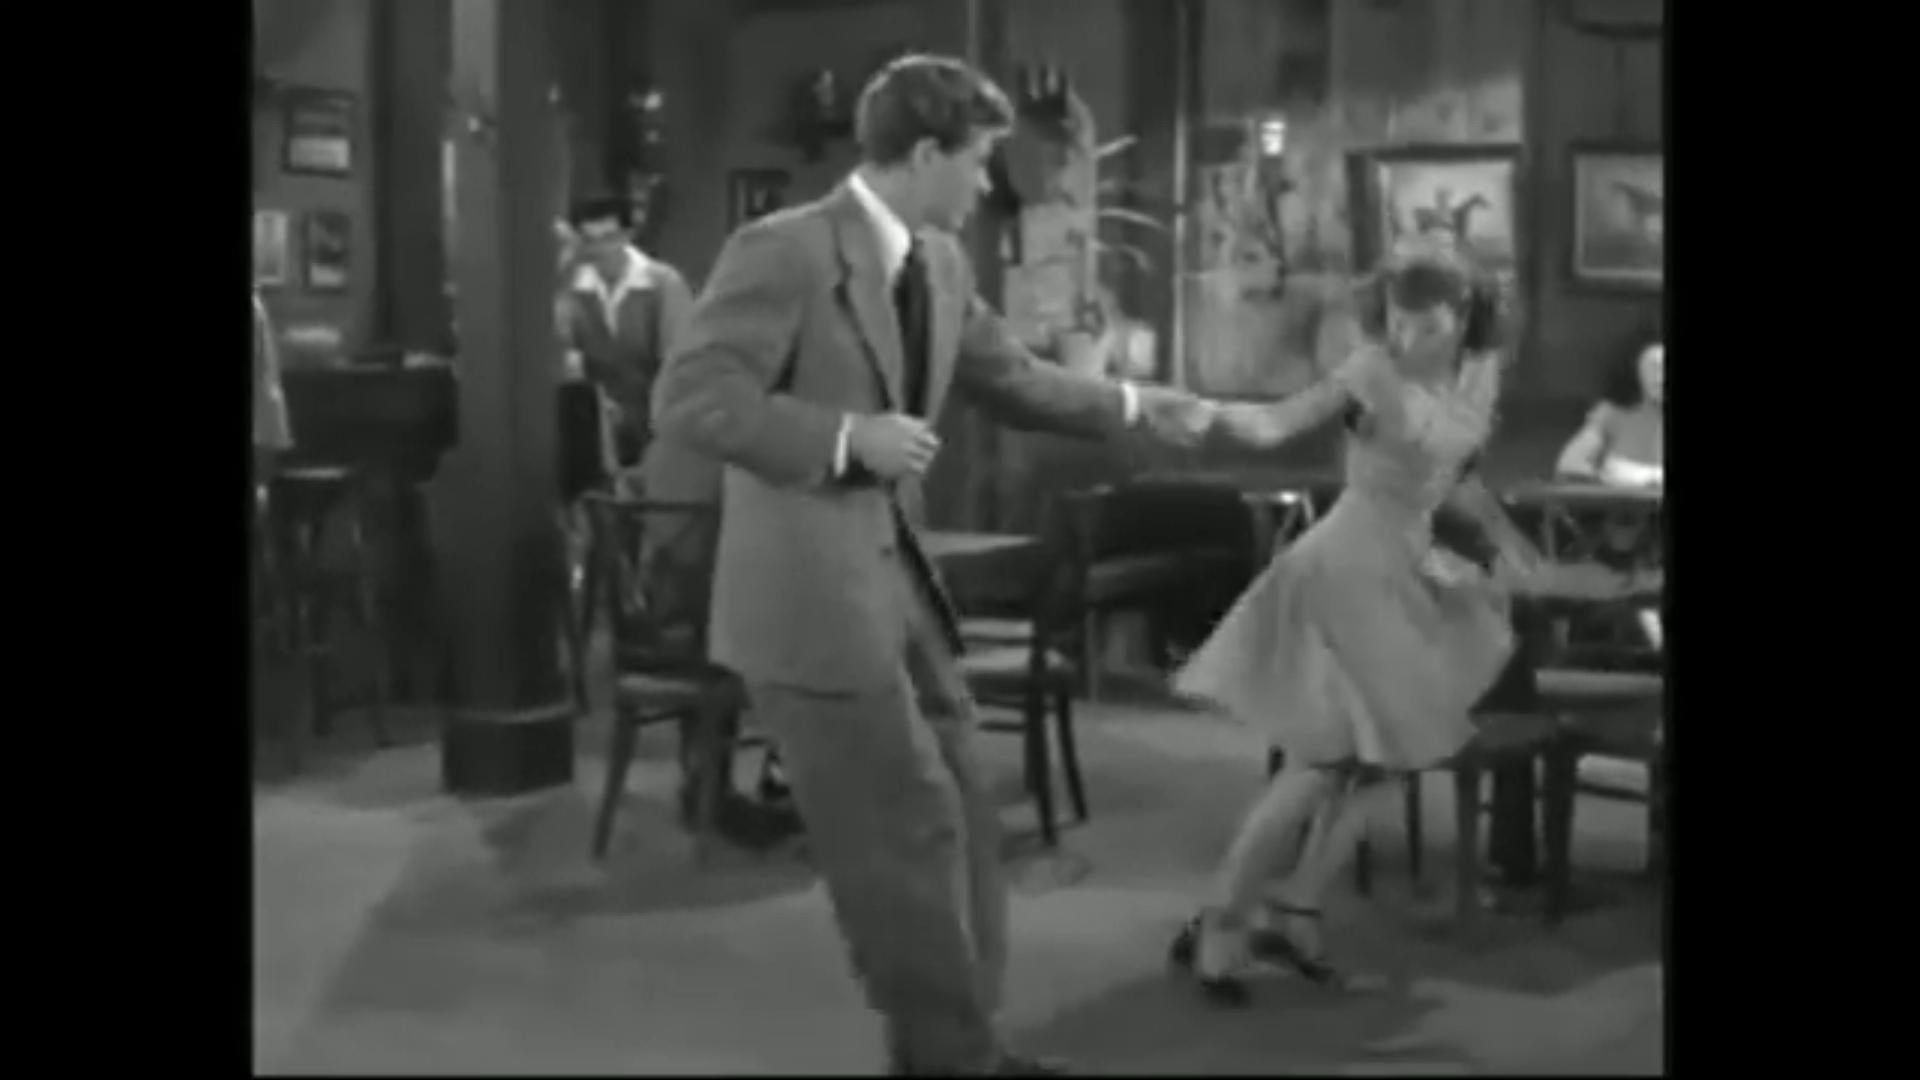 Sull'abbigliamento Swing Trento Amiche Consigli Dance Piccoli Tra 3cRqAj4L5